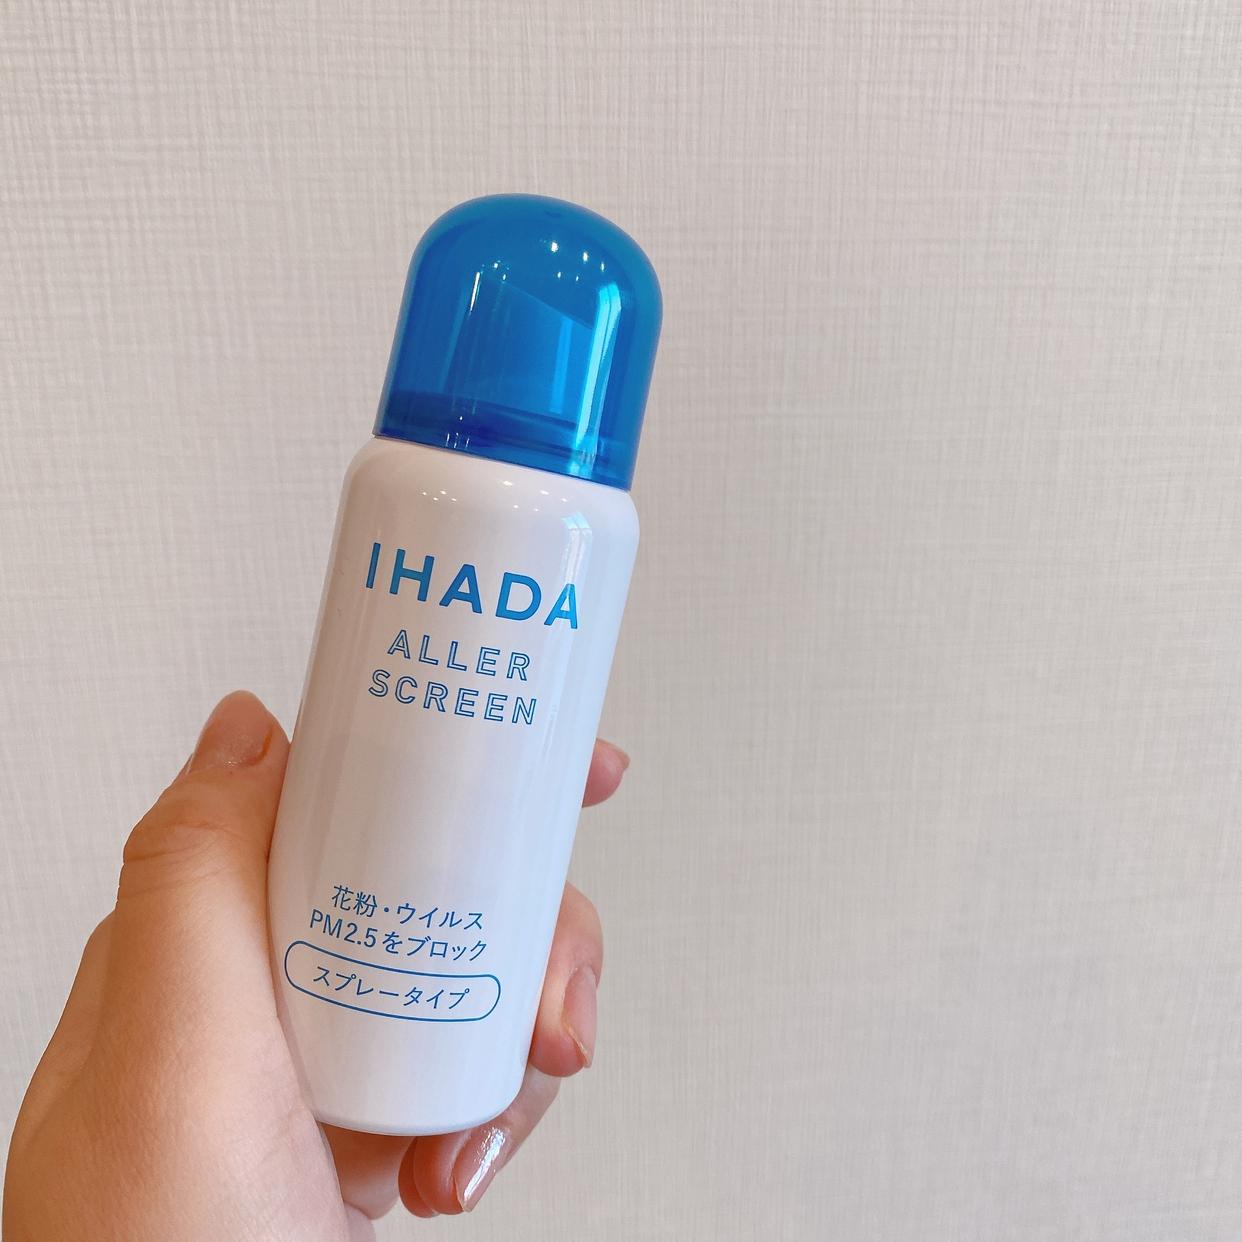 IHADA(イハダ)アレルスクリーン EXを使ったAmebaブロガー*Rinaさんのクチコミ画像1